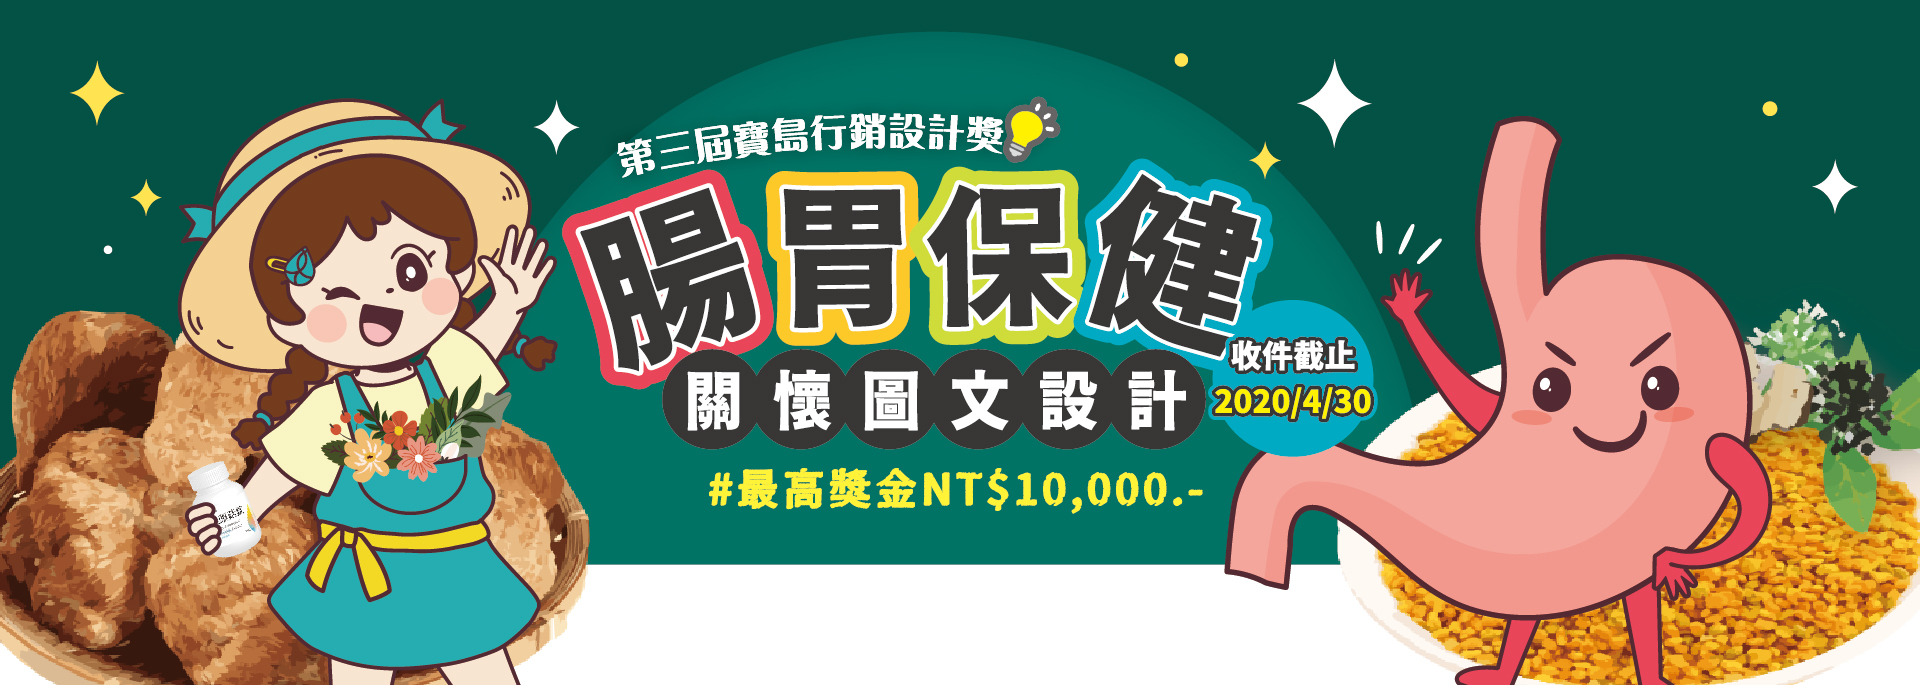 第三屆寶島行銷設計獎-聖蓮『腸胃保健關懷圖文設計』創意徵稿公告